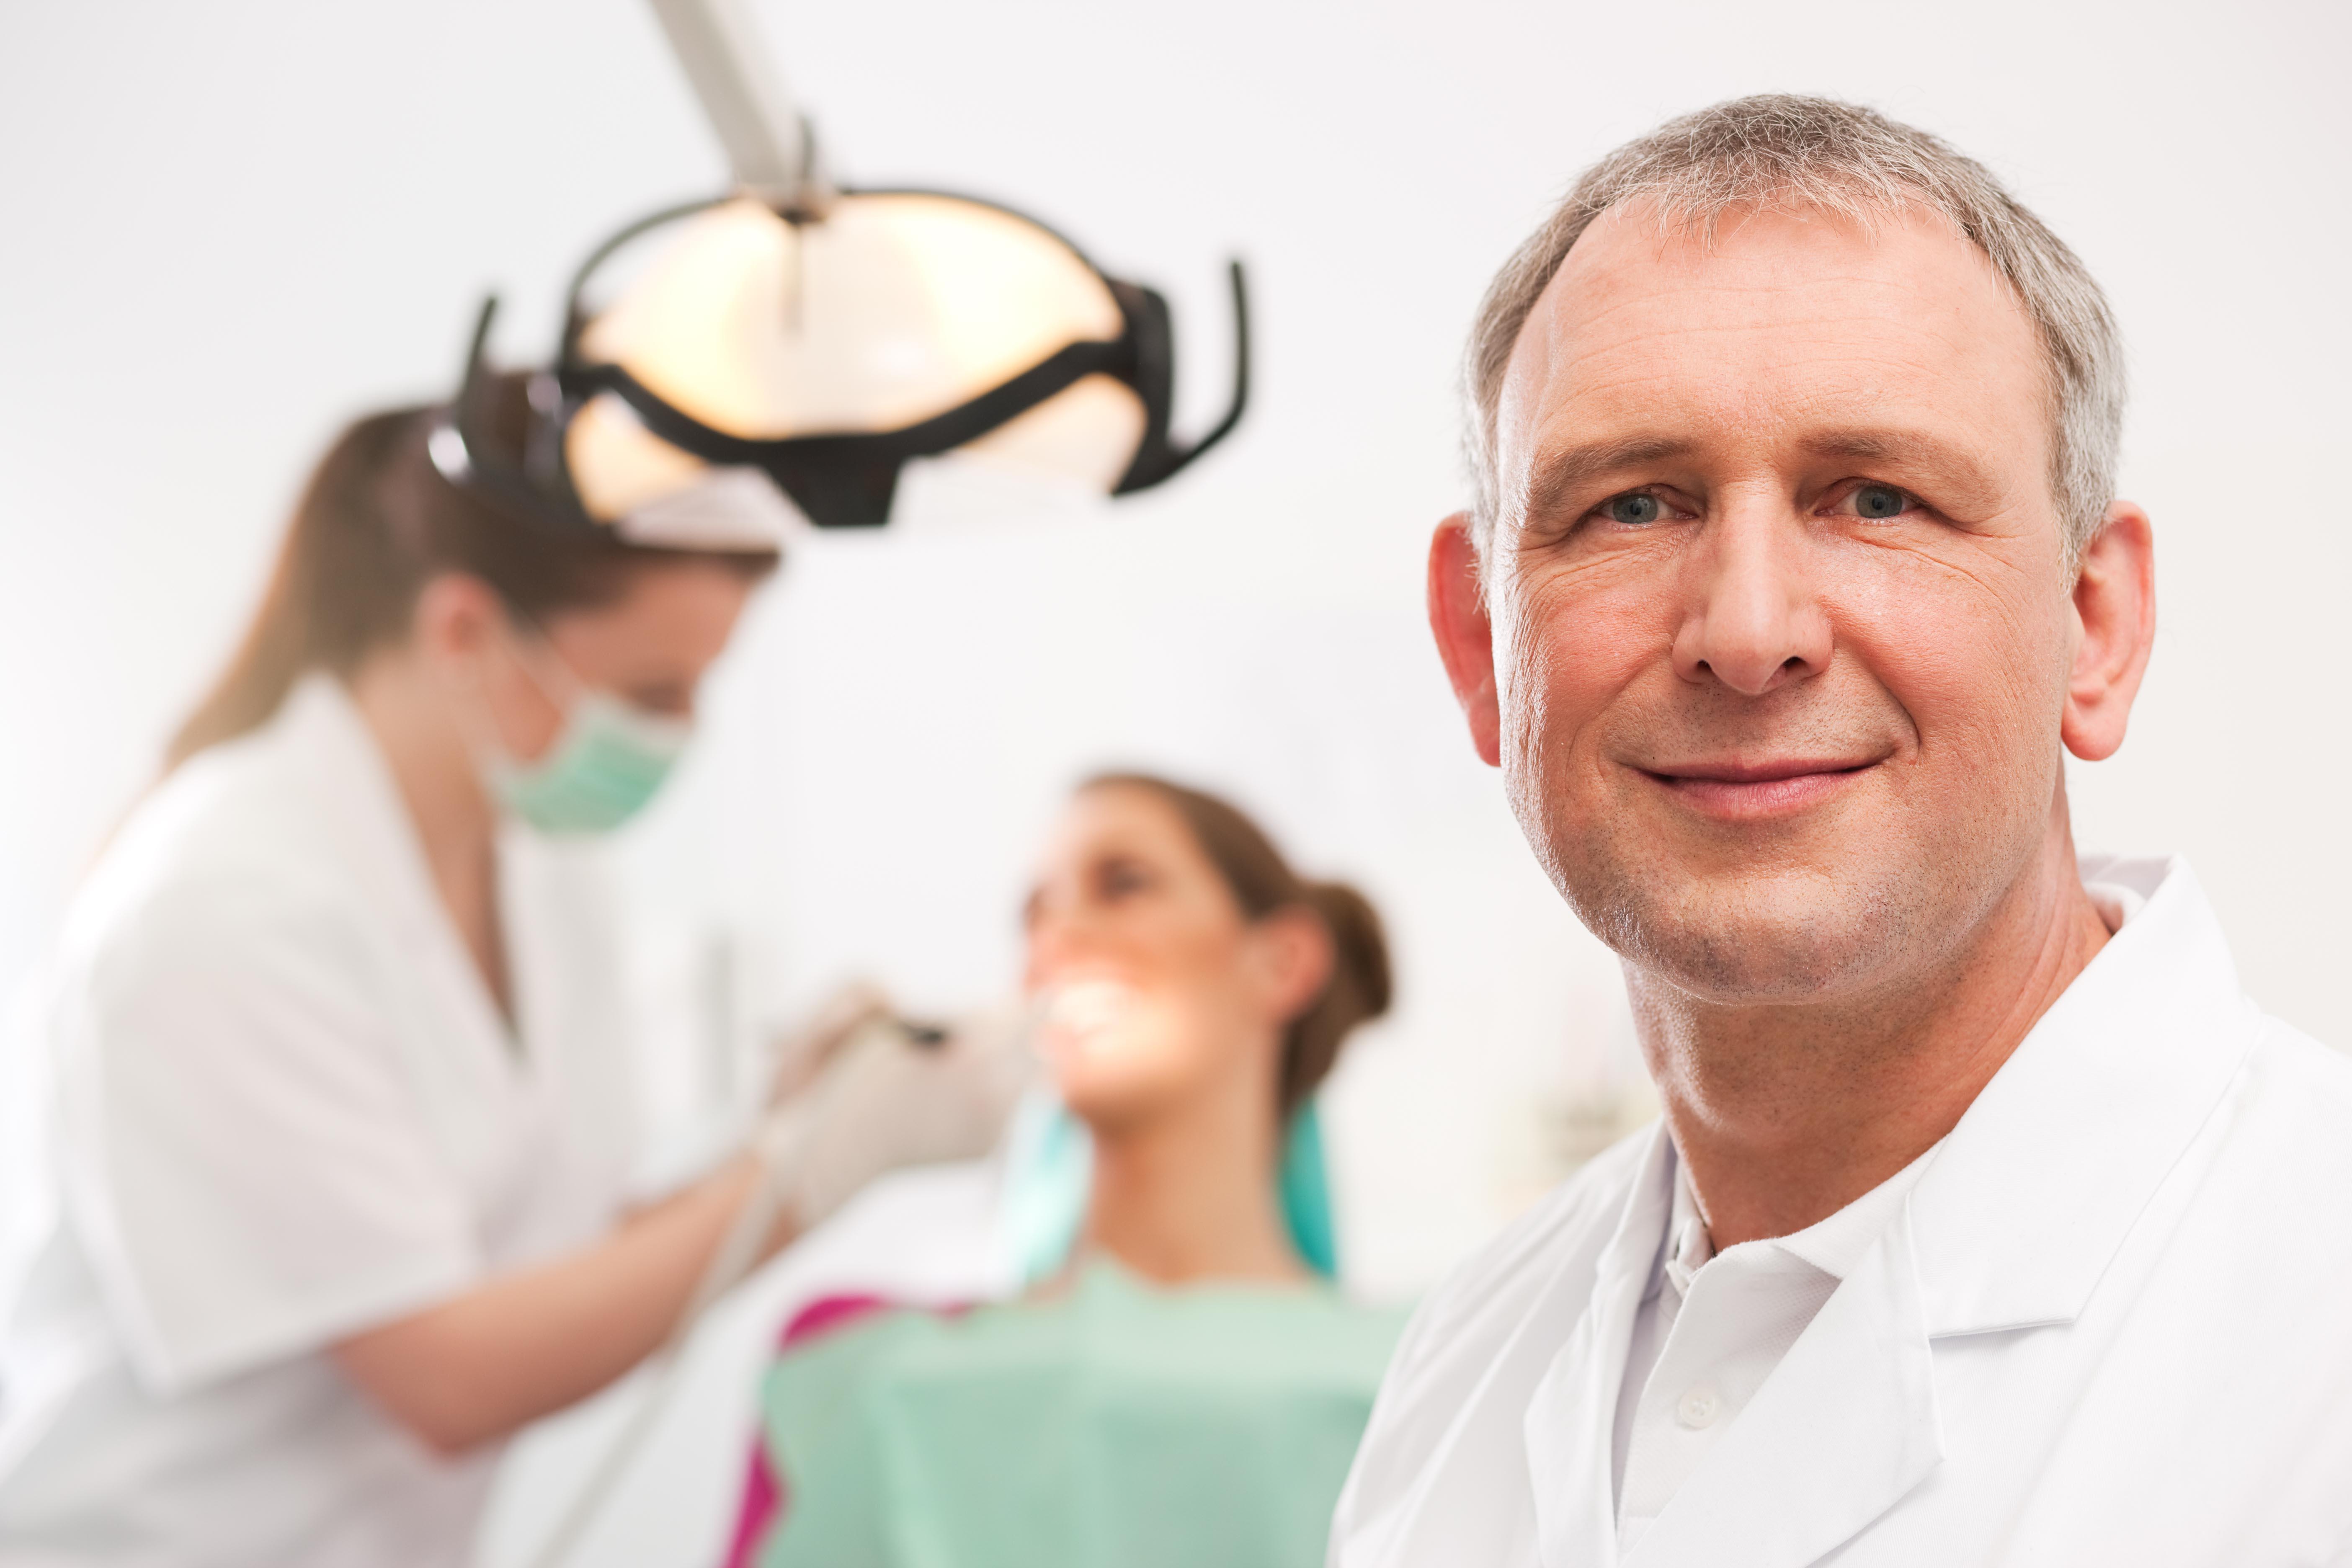 Tandlæge i Nordsjælland